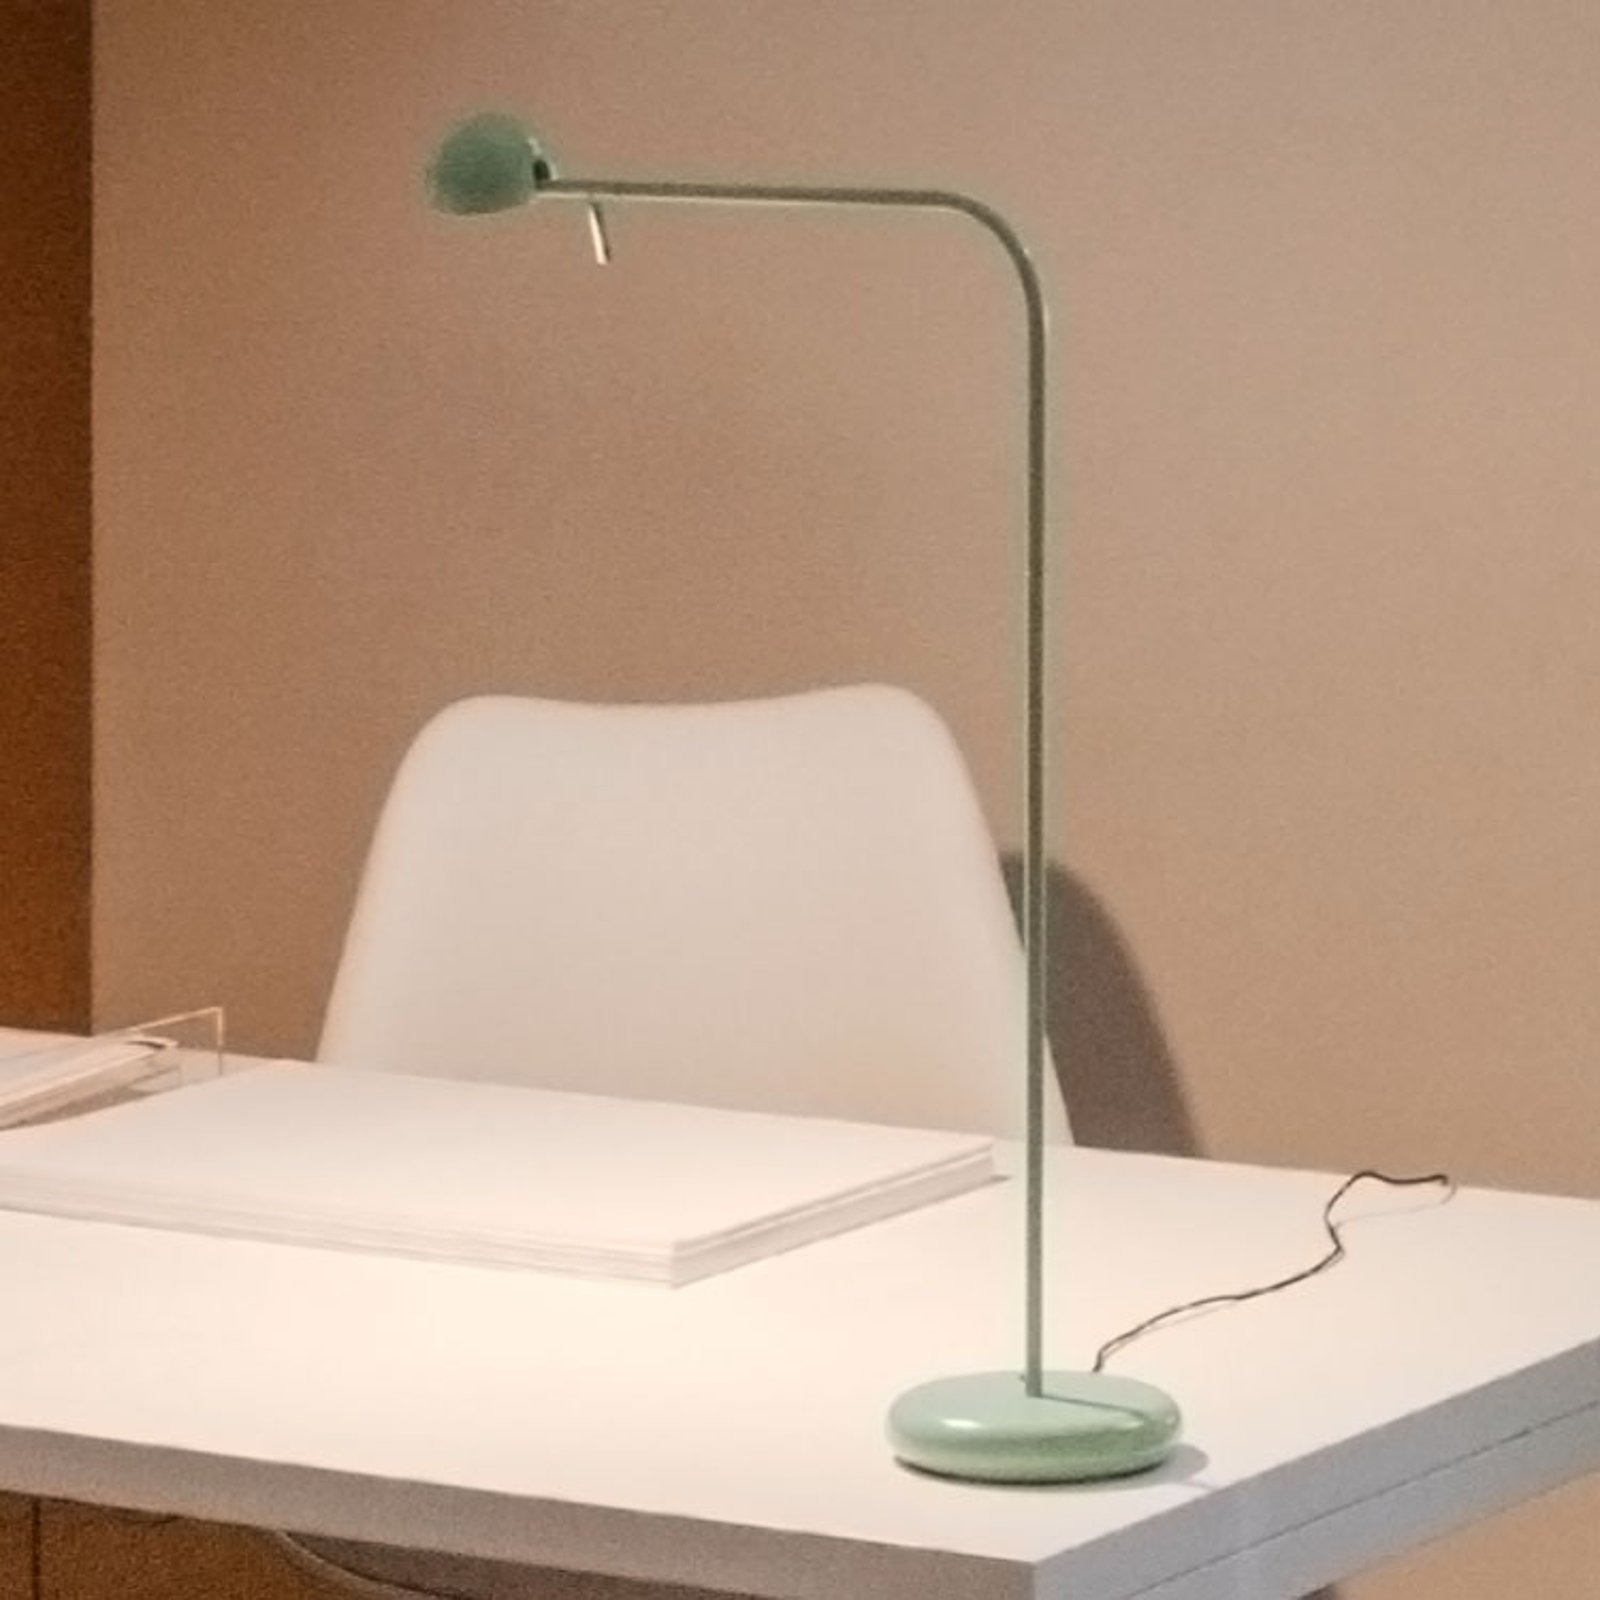 Vibia pin 1655 LED-bordlampe, lengde 40 cm, grønn